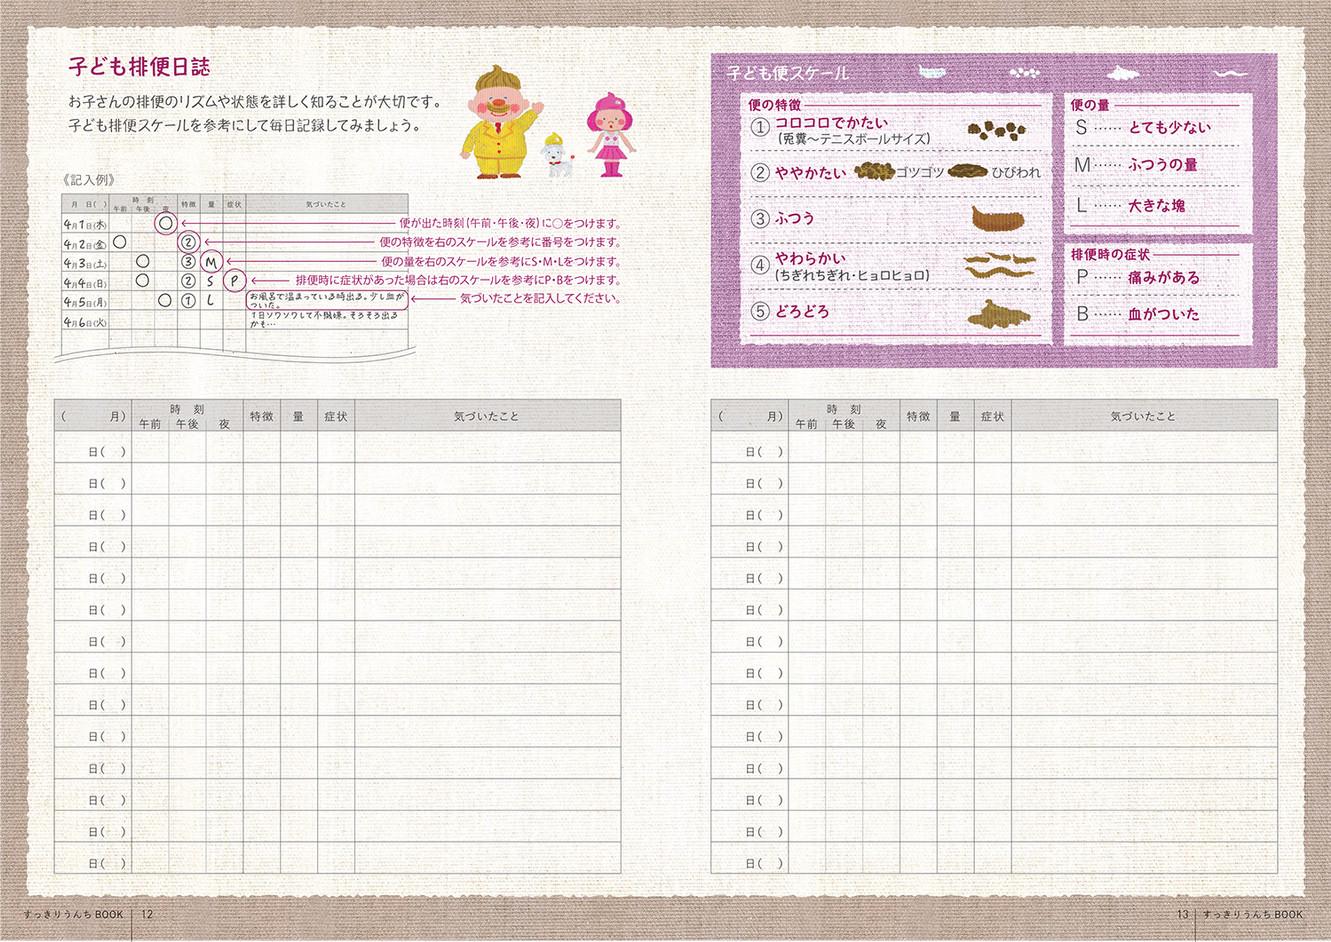 kanaweb_sukkiribook_008.jpg